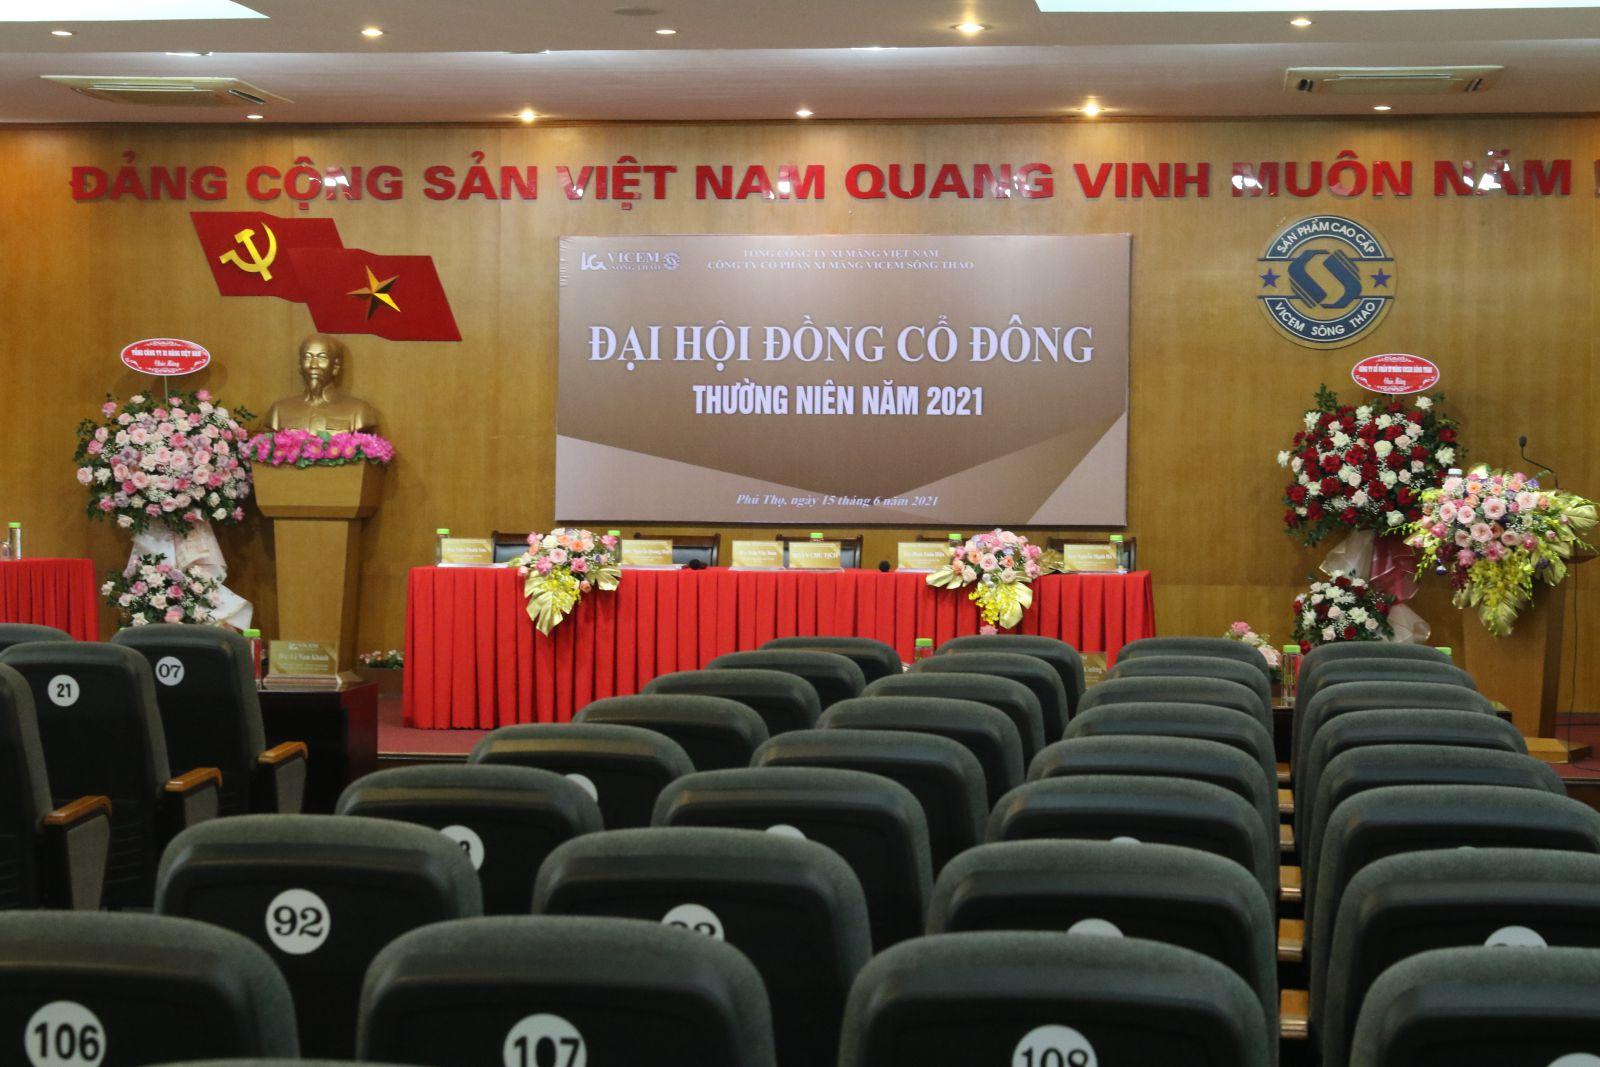 Công ty cổ phần xi măng Vicem Sông Thao tổ chức thành công Đại hội đồng cổ đông thường niên năm 2021